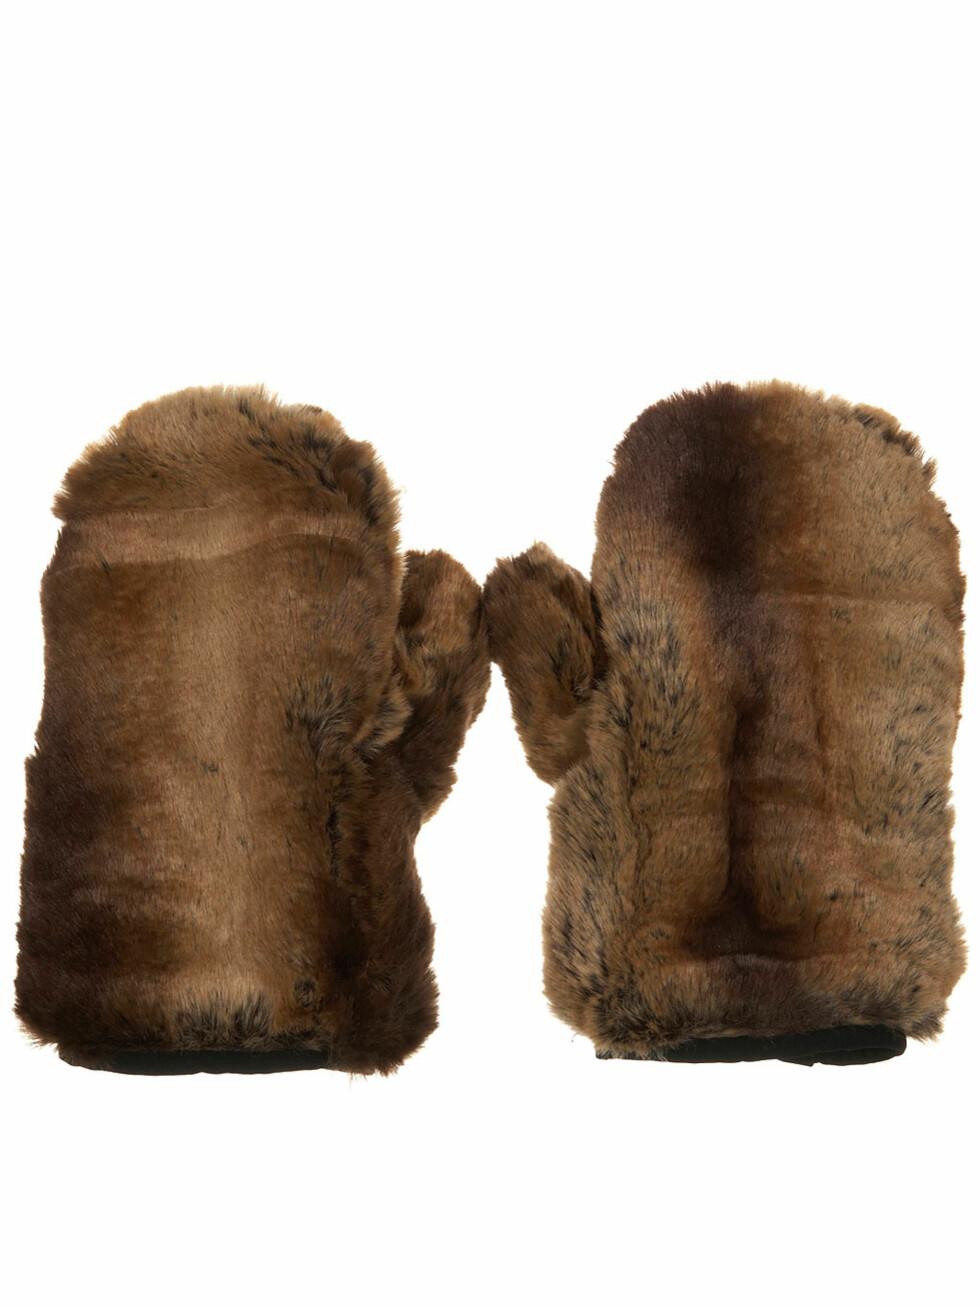 Små søte bjørnelabber (kr 250, Topshop).